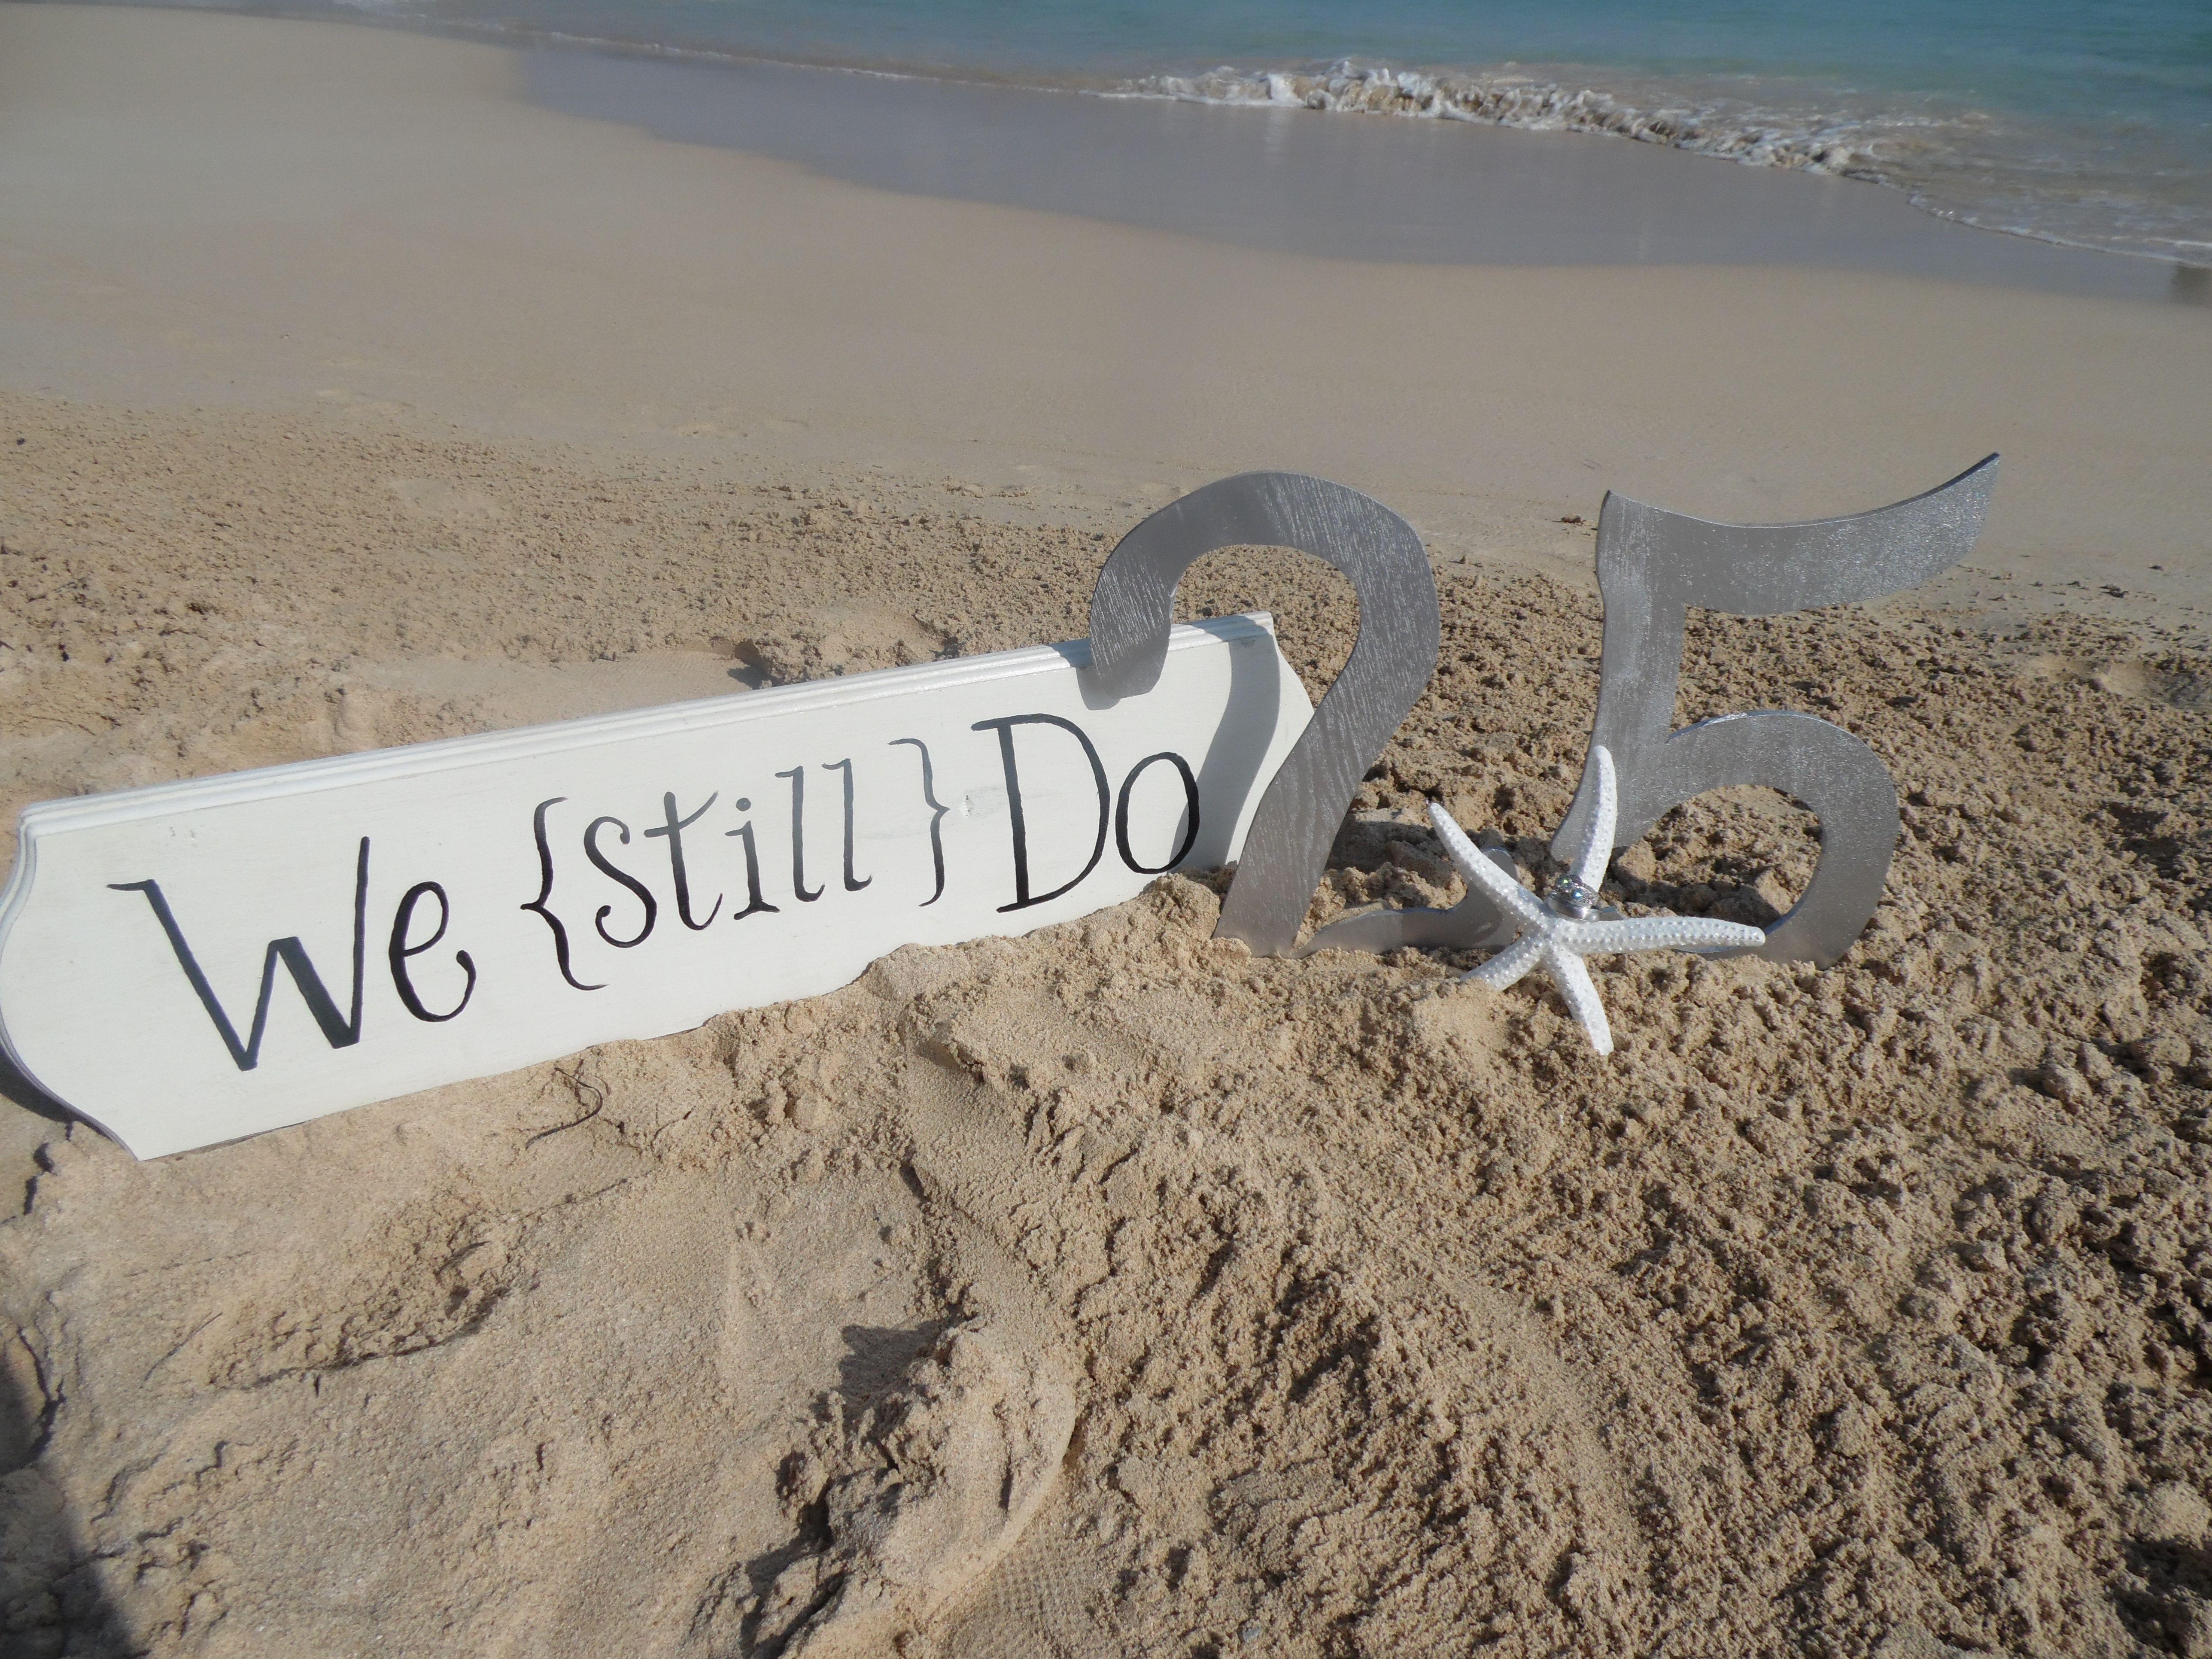 Vow Renewal Beach Wedding 25th Anniversary Destination